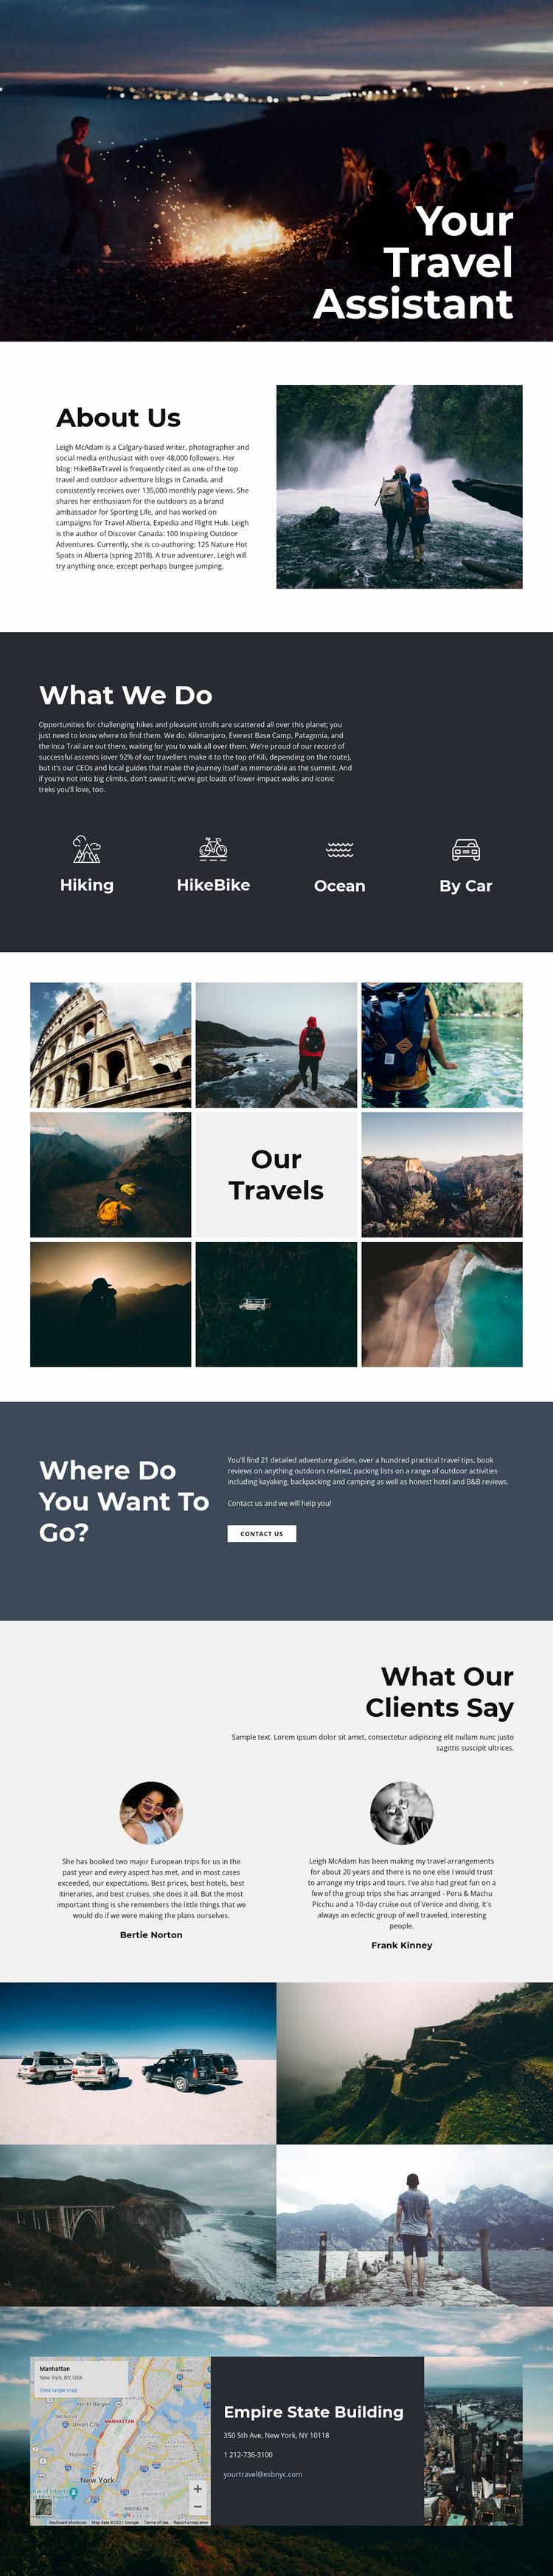 Travel Assistant WordPress Website Builder